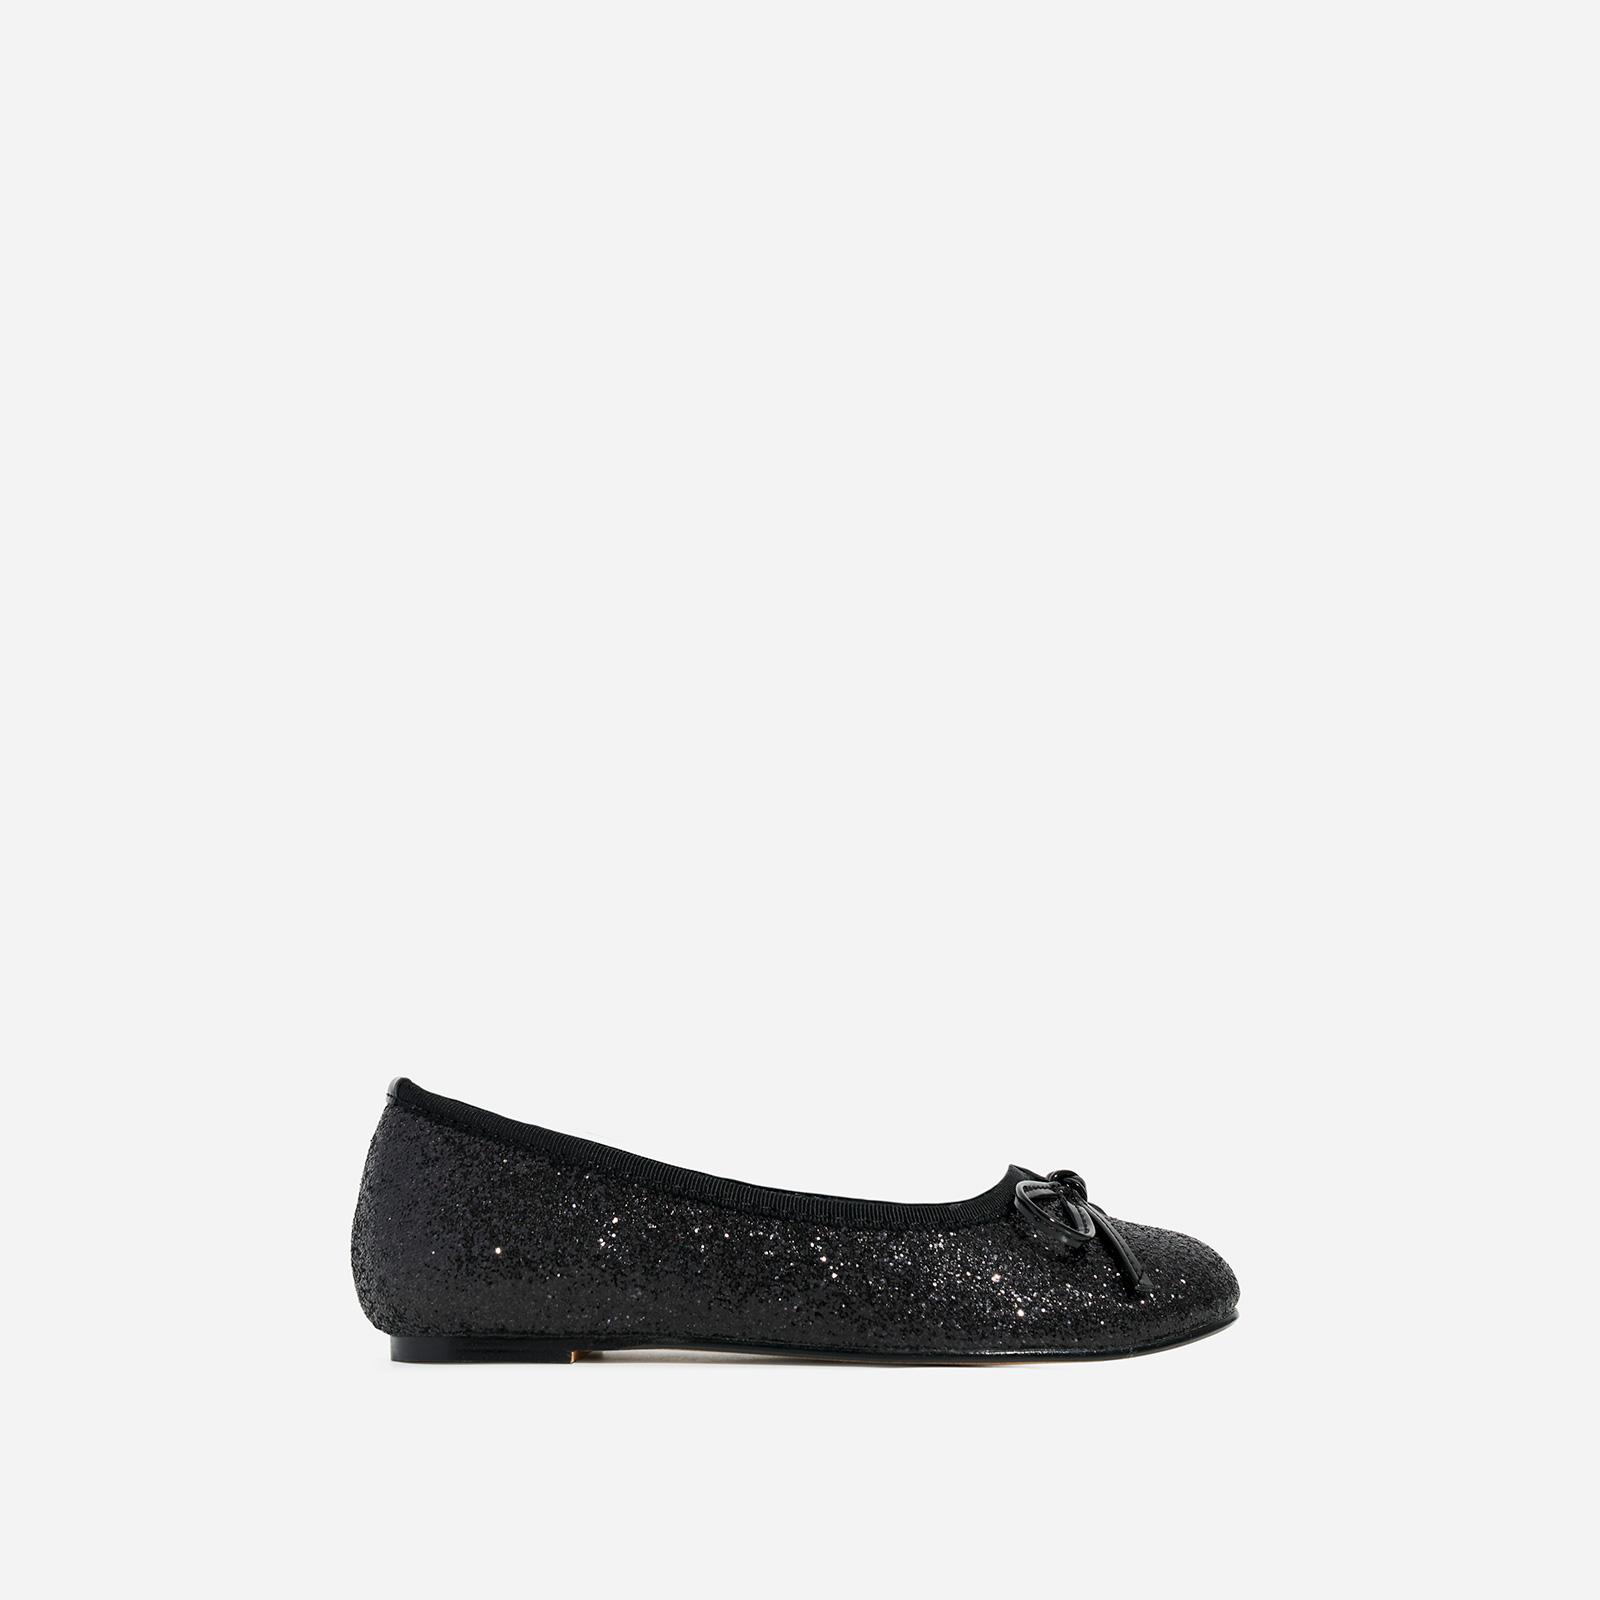 Ballerina Girl's Bow Detail Flat Ballet Pump In Black Glitter